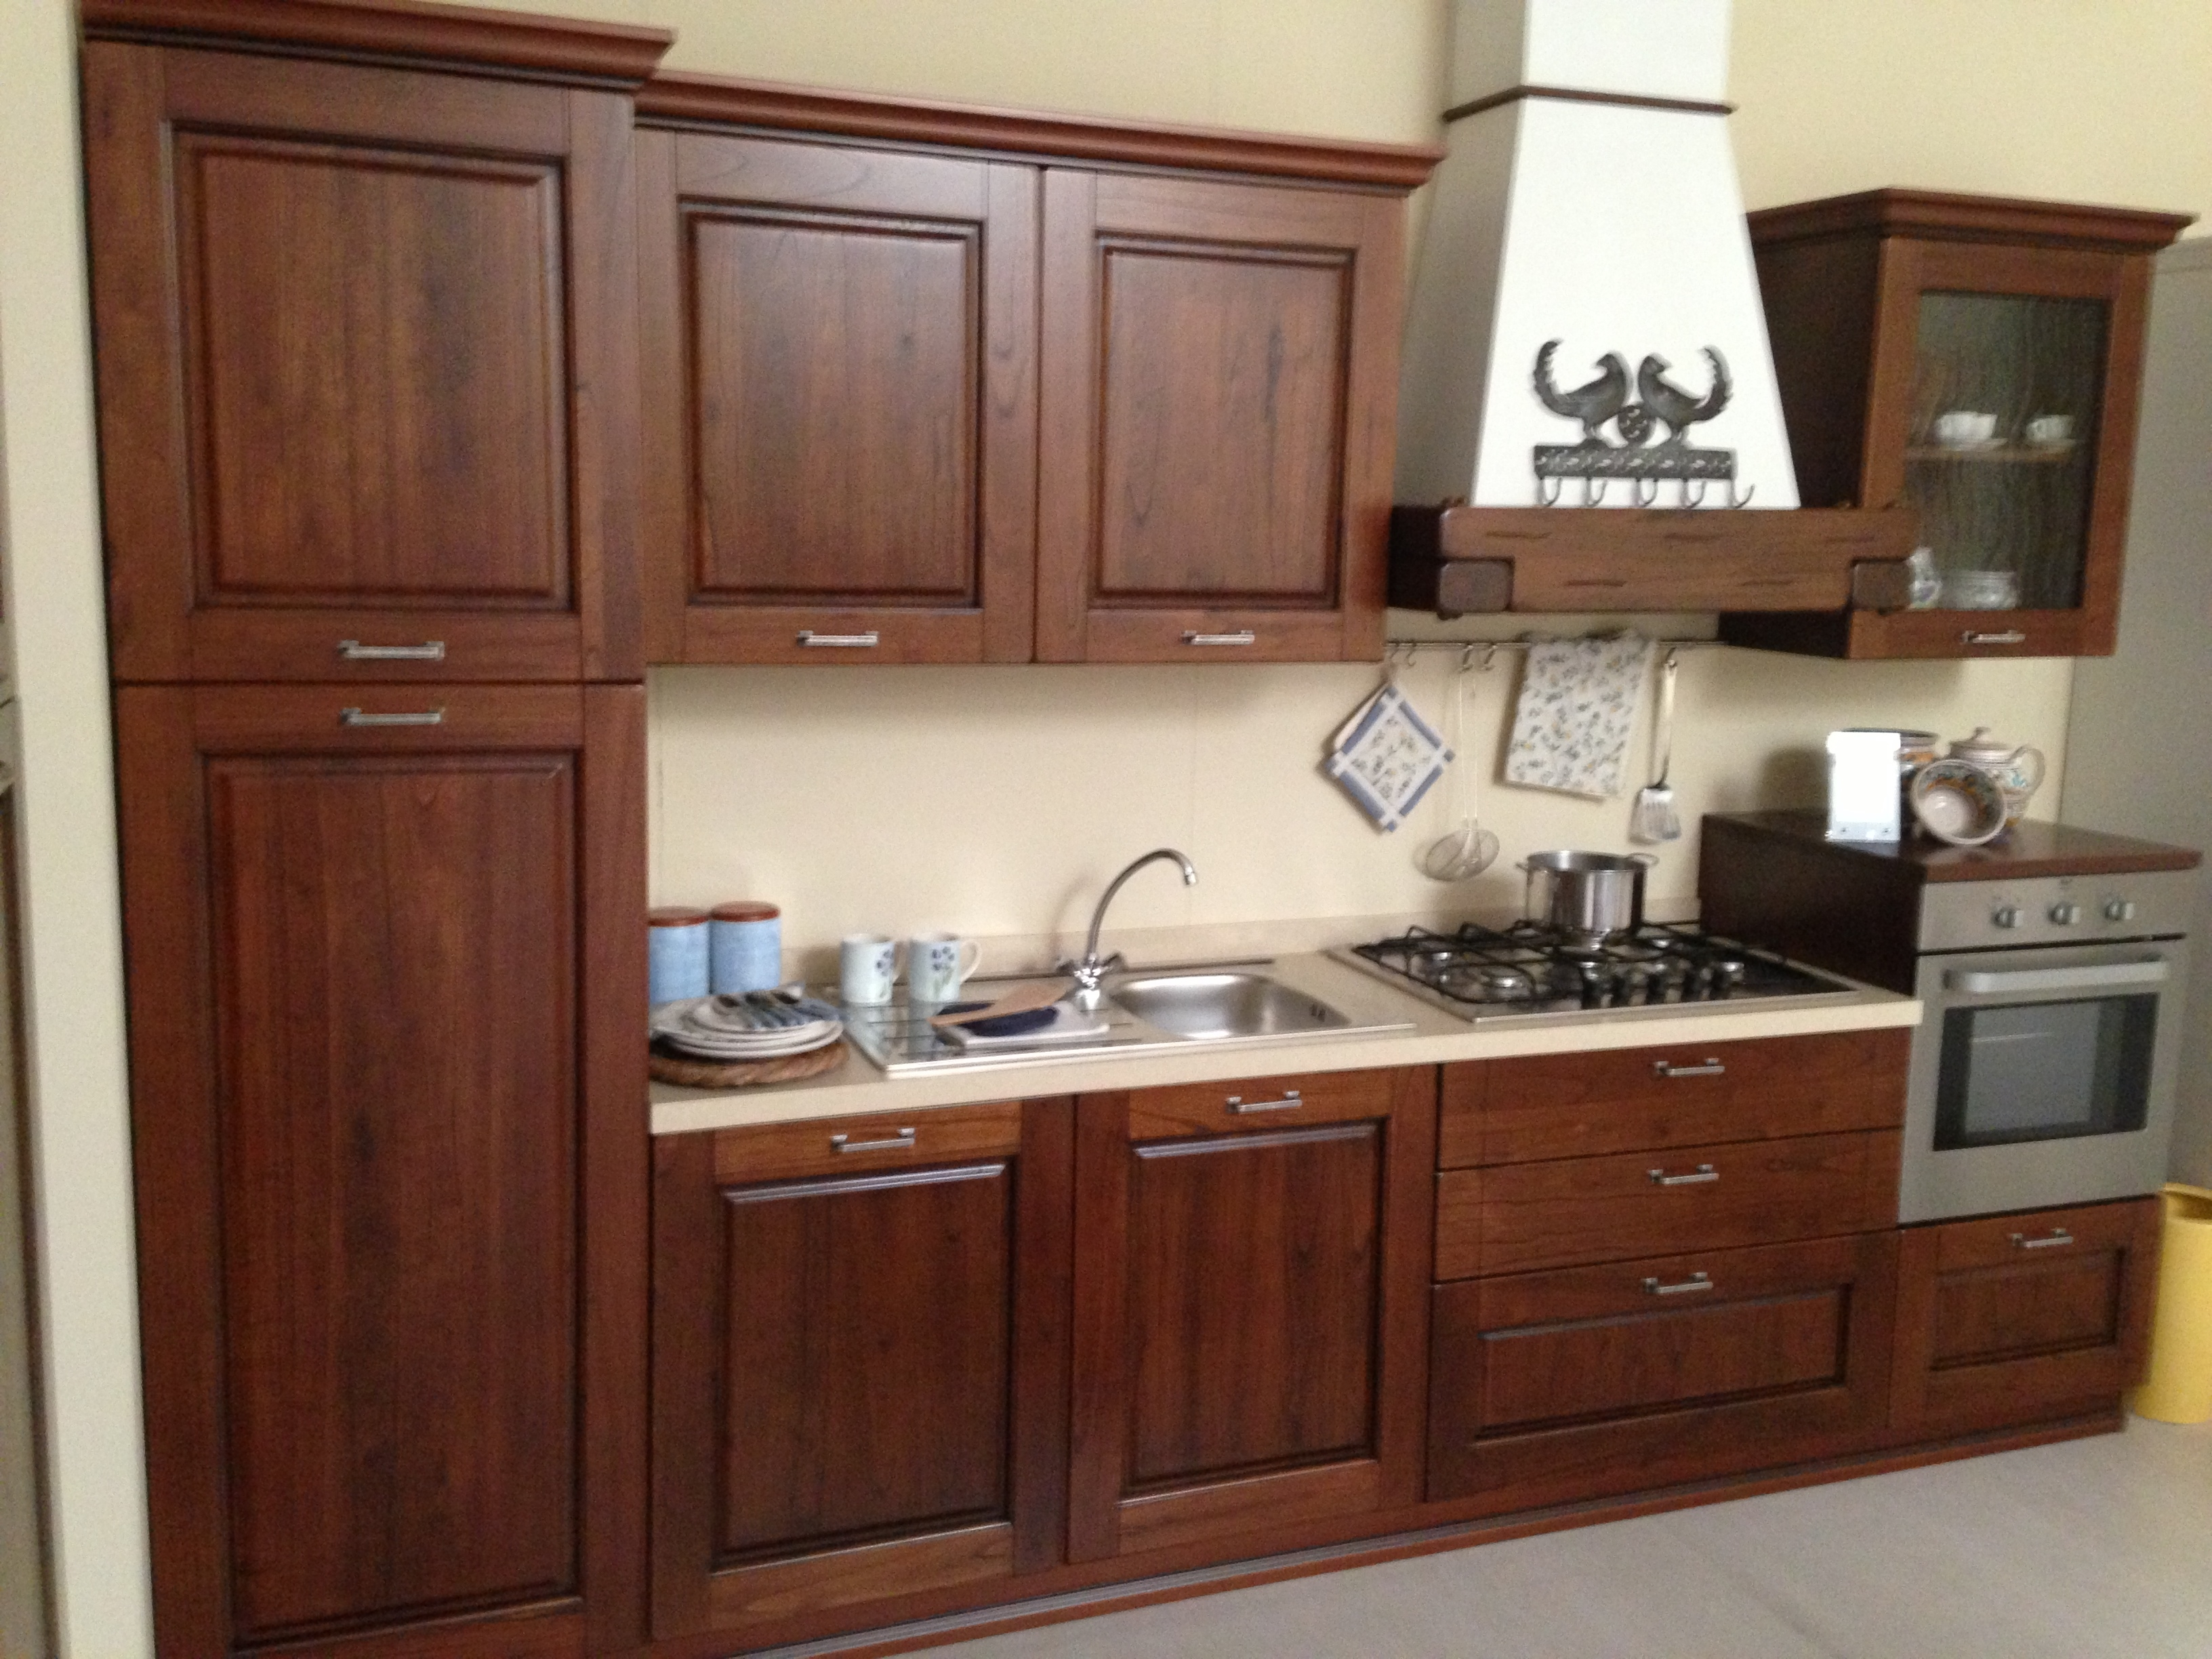 Cucina classica cm330 cucine a prezzi scontati - Cucina bianca e noce ...